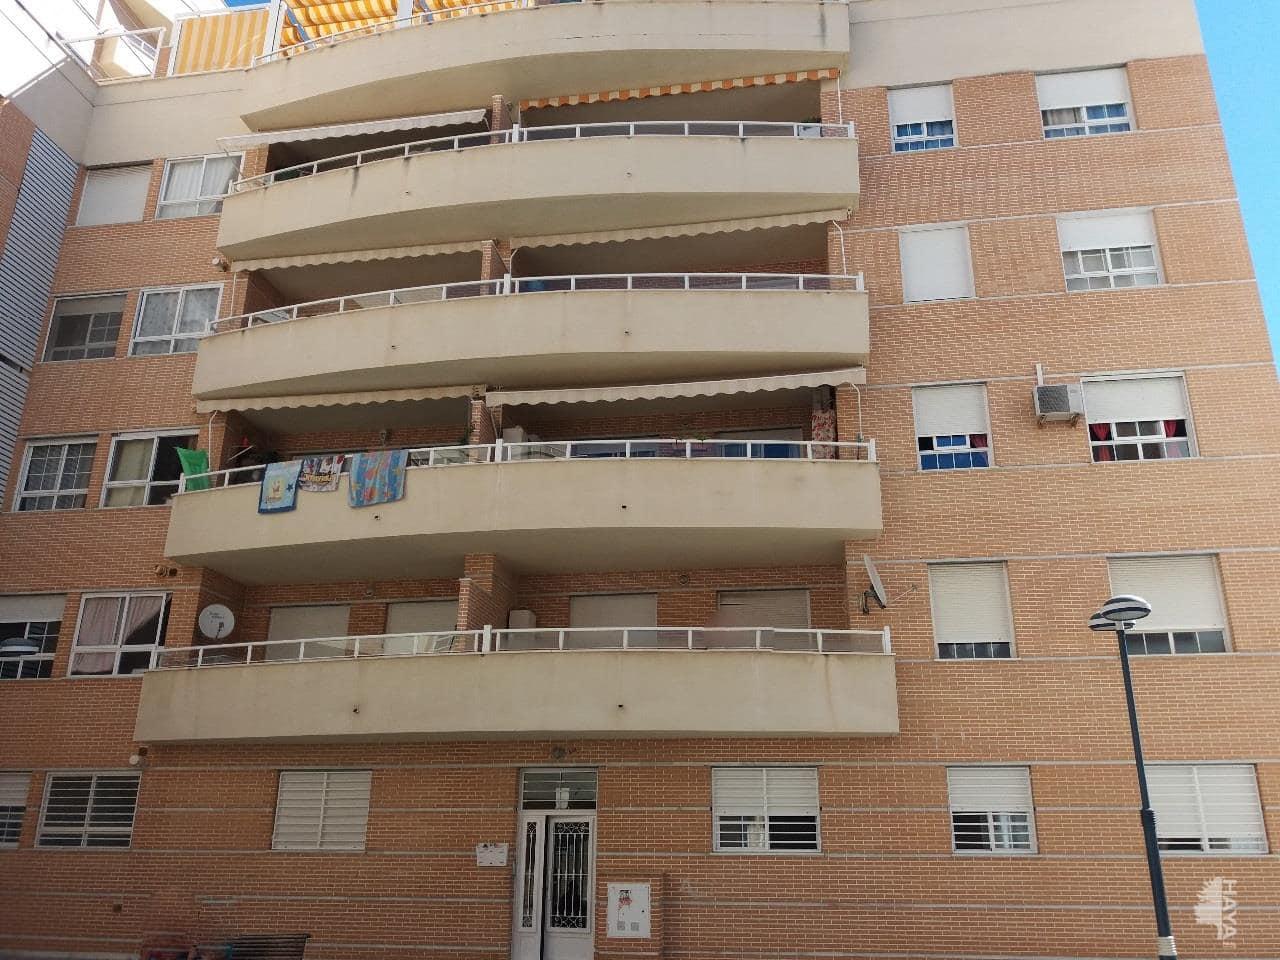 Piso en venta en Piso en Adra, Almería, 120.850 €, 3 habitaciones, 1 baño, 127 m2